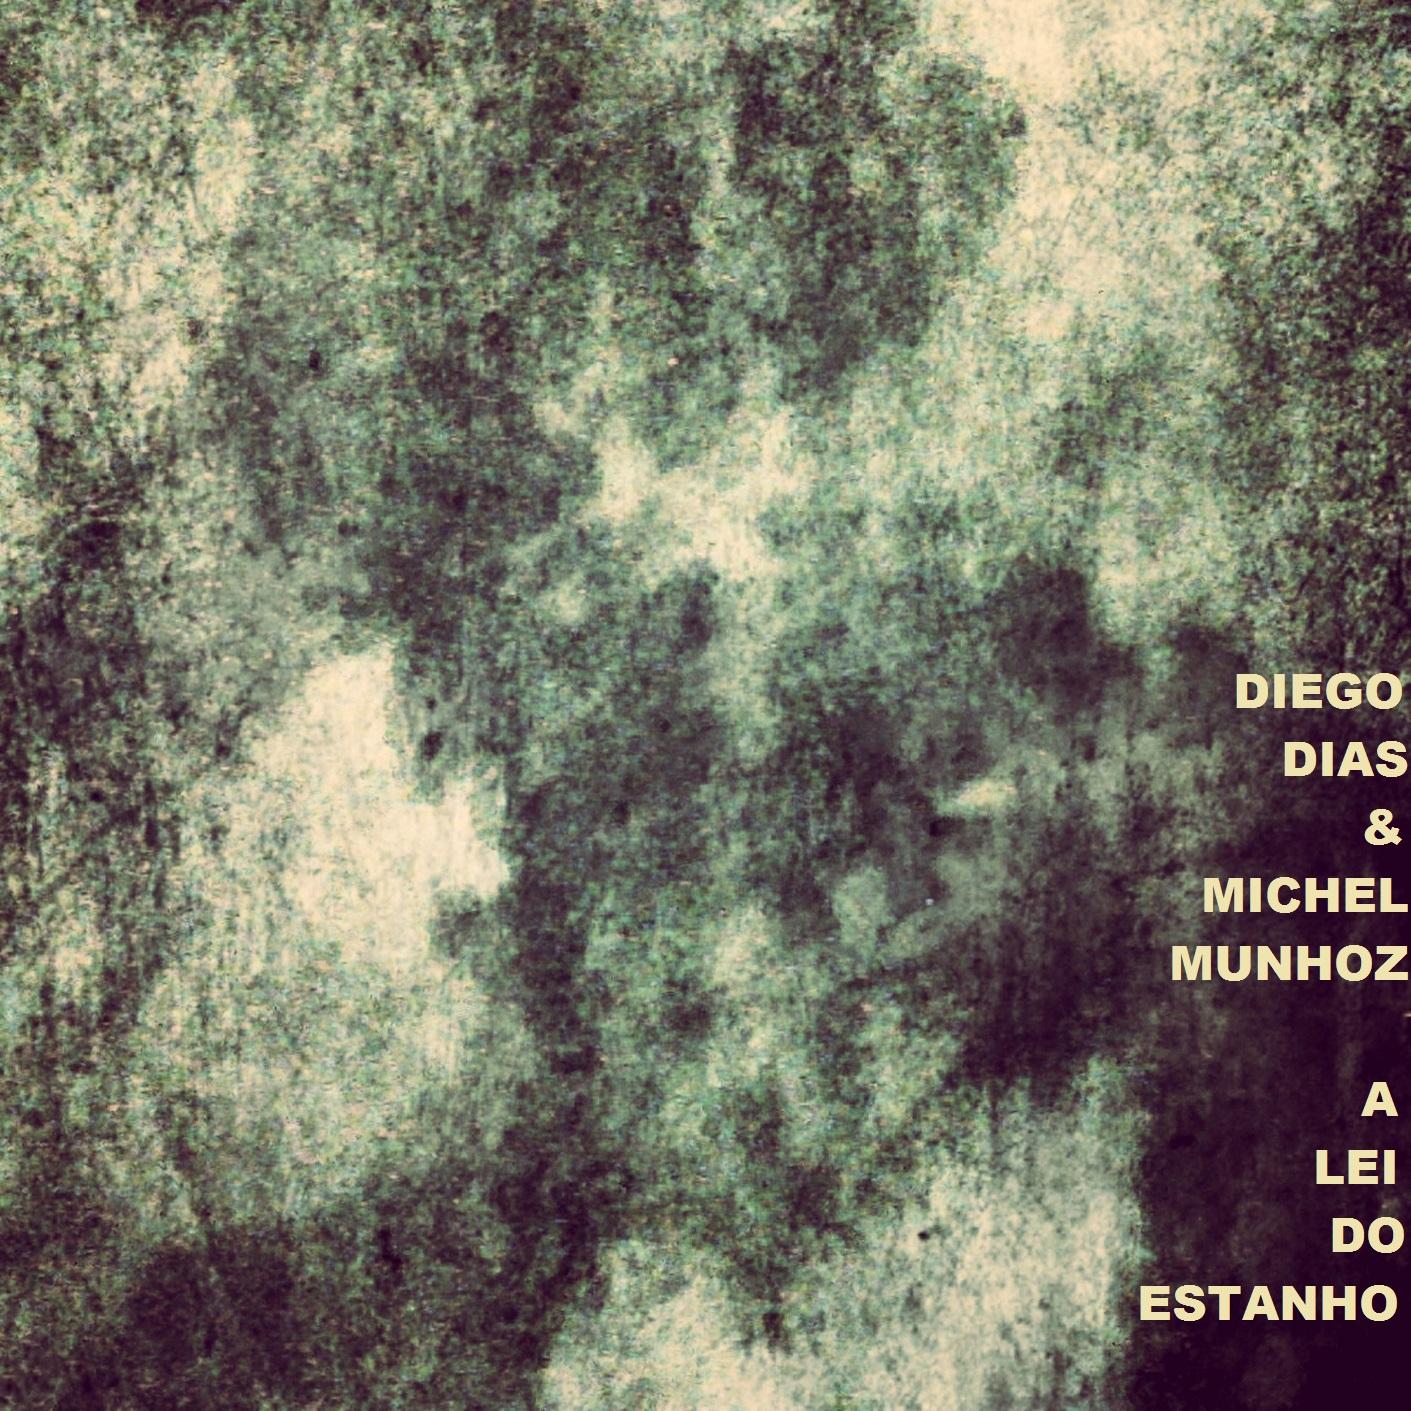 MSRCD065 - Diego Dias & Michel Munhoz - A Lei do Estanho